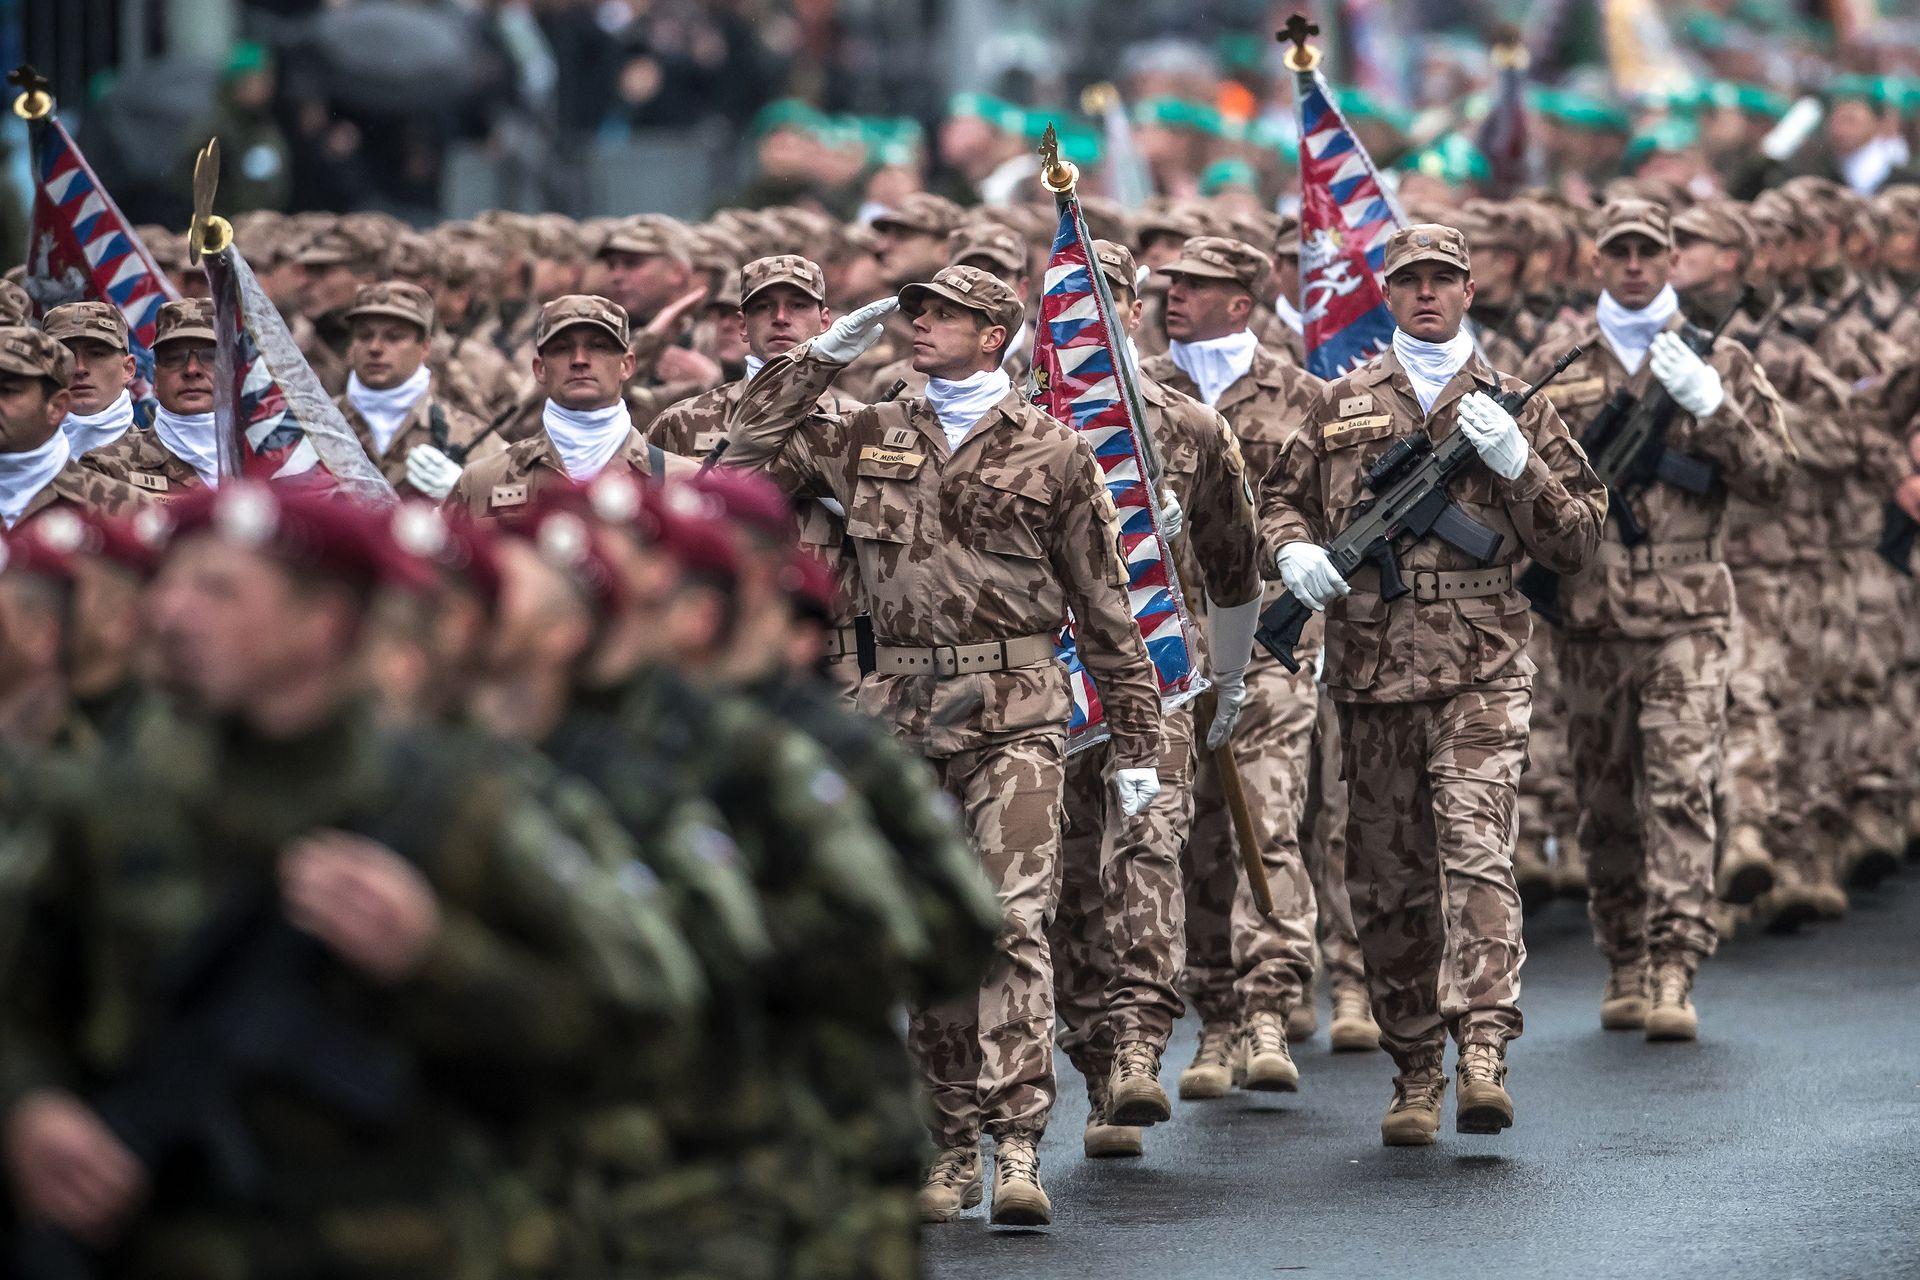 Defilada wojskowa w Czechach